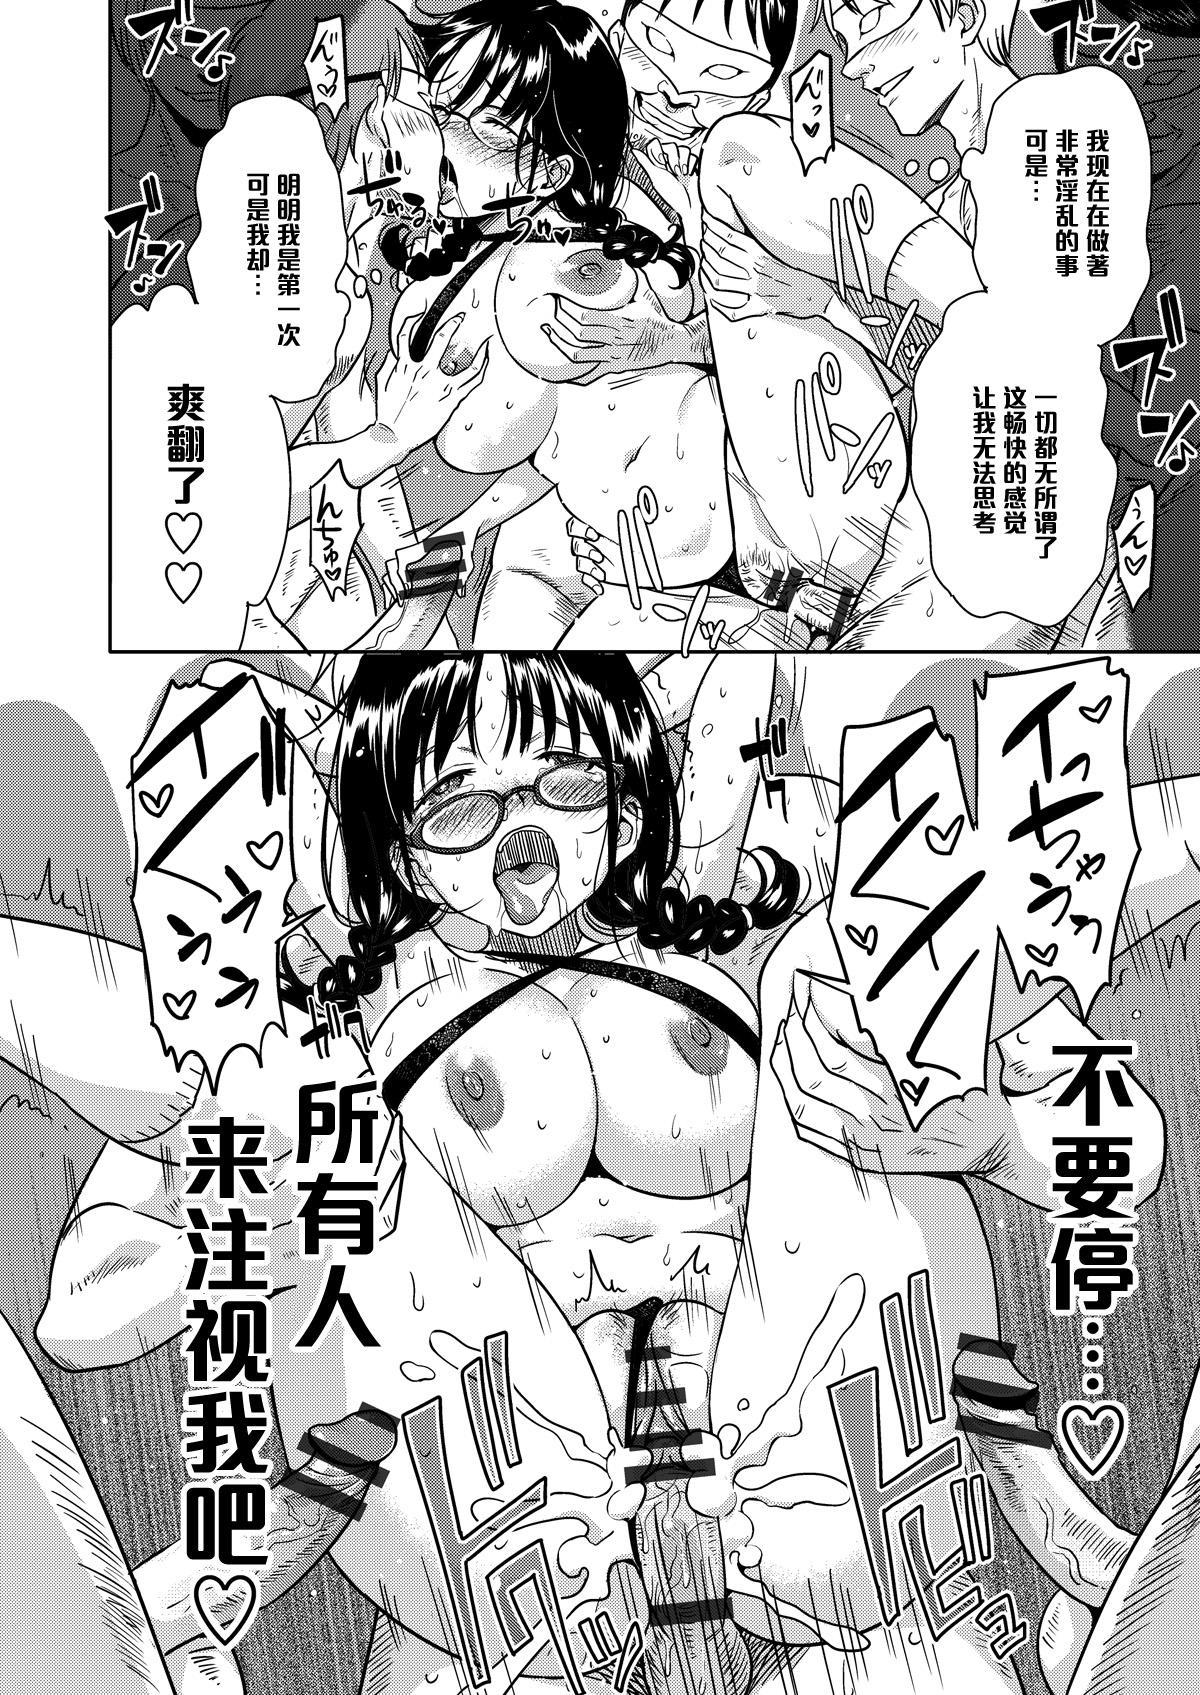 H no Tsubomi 18